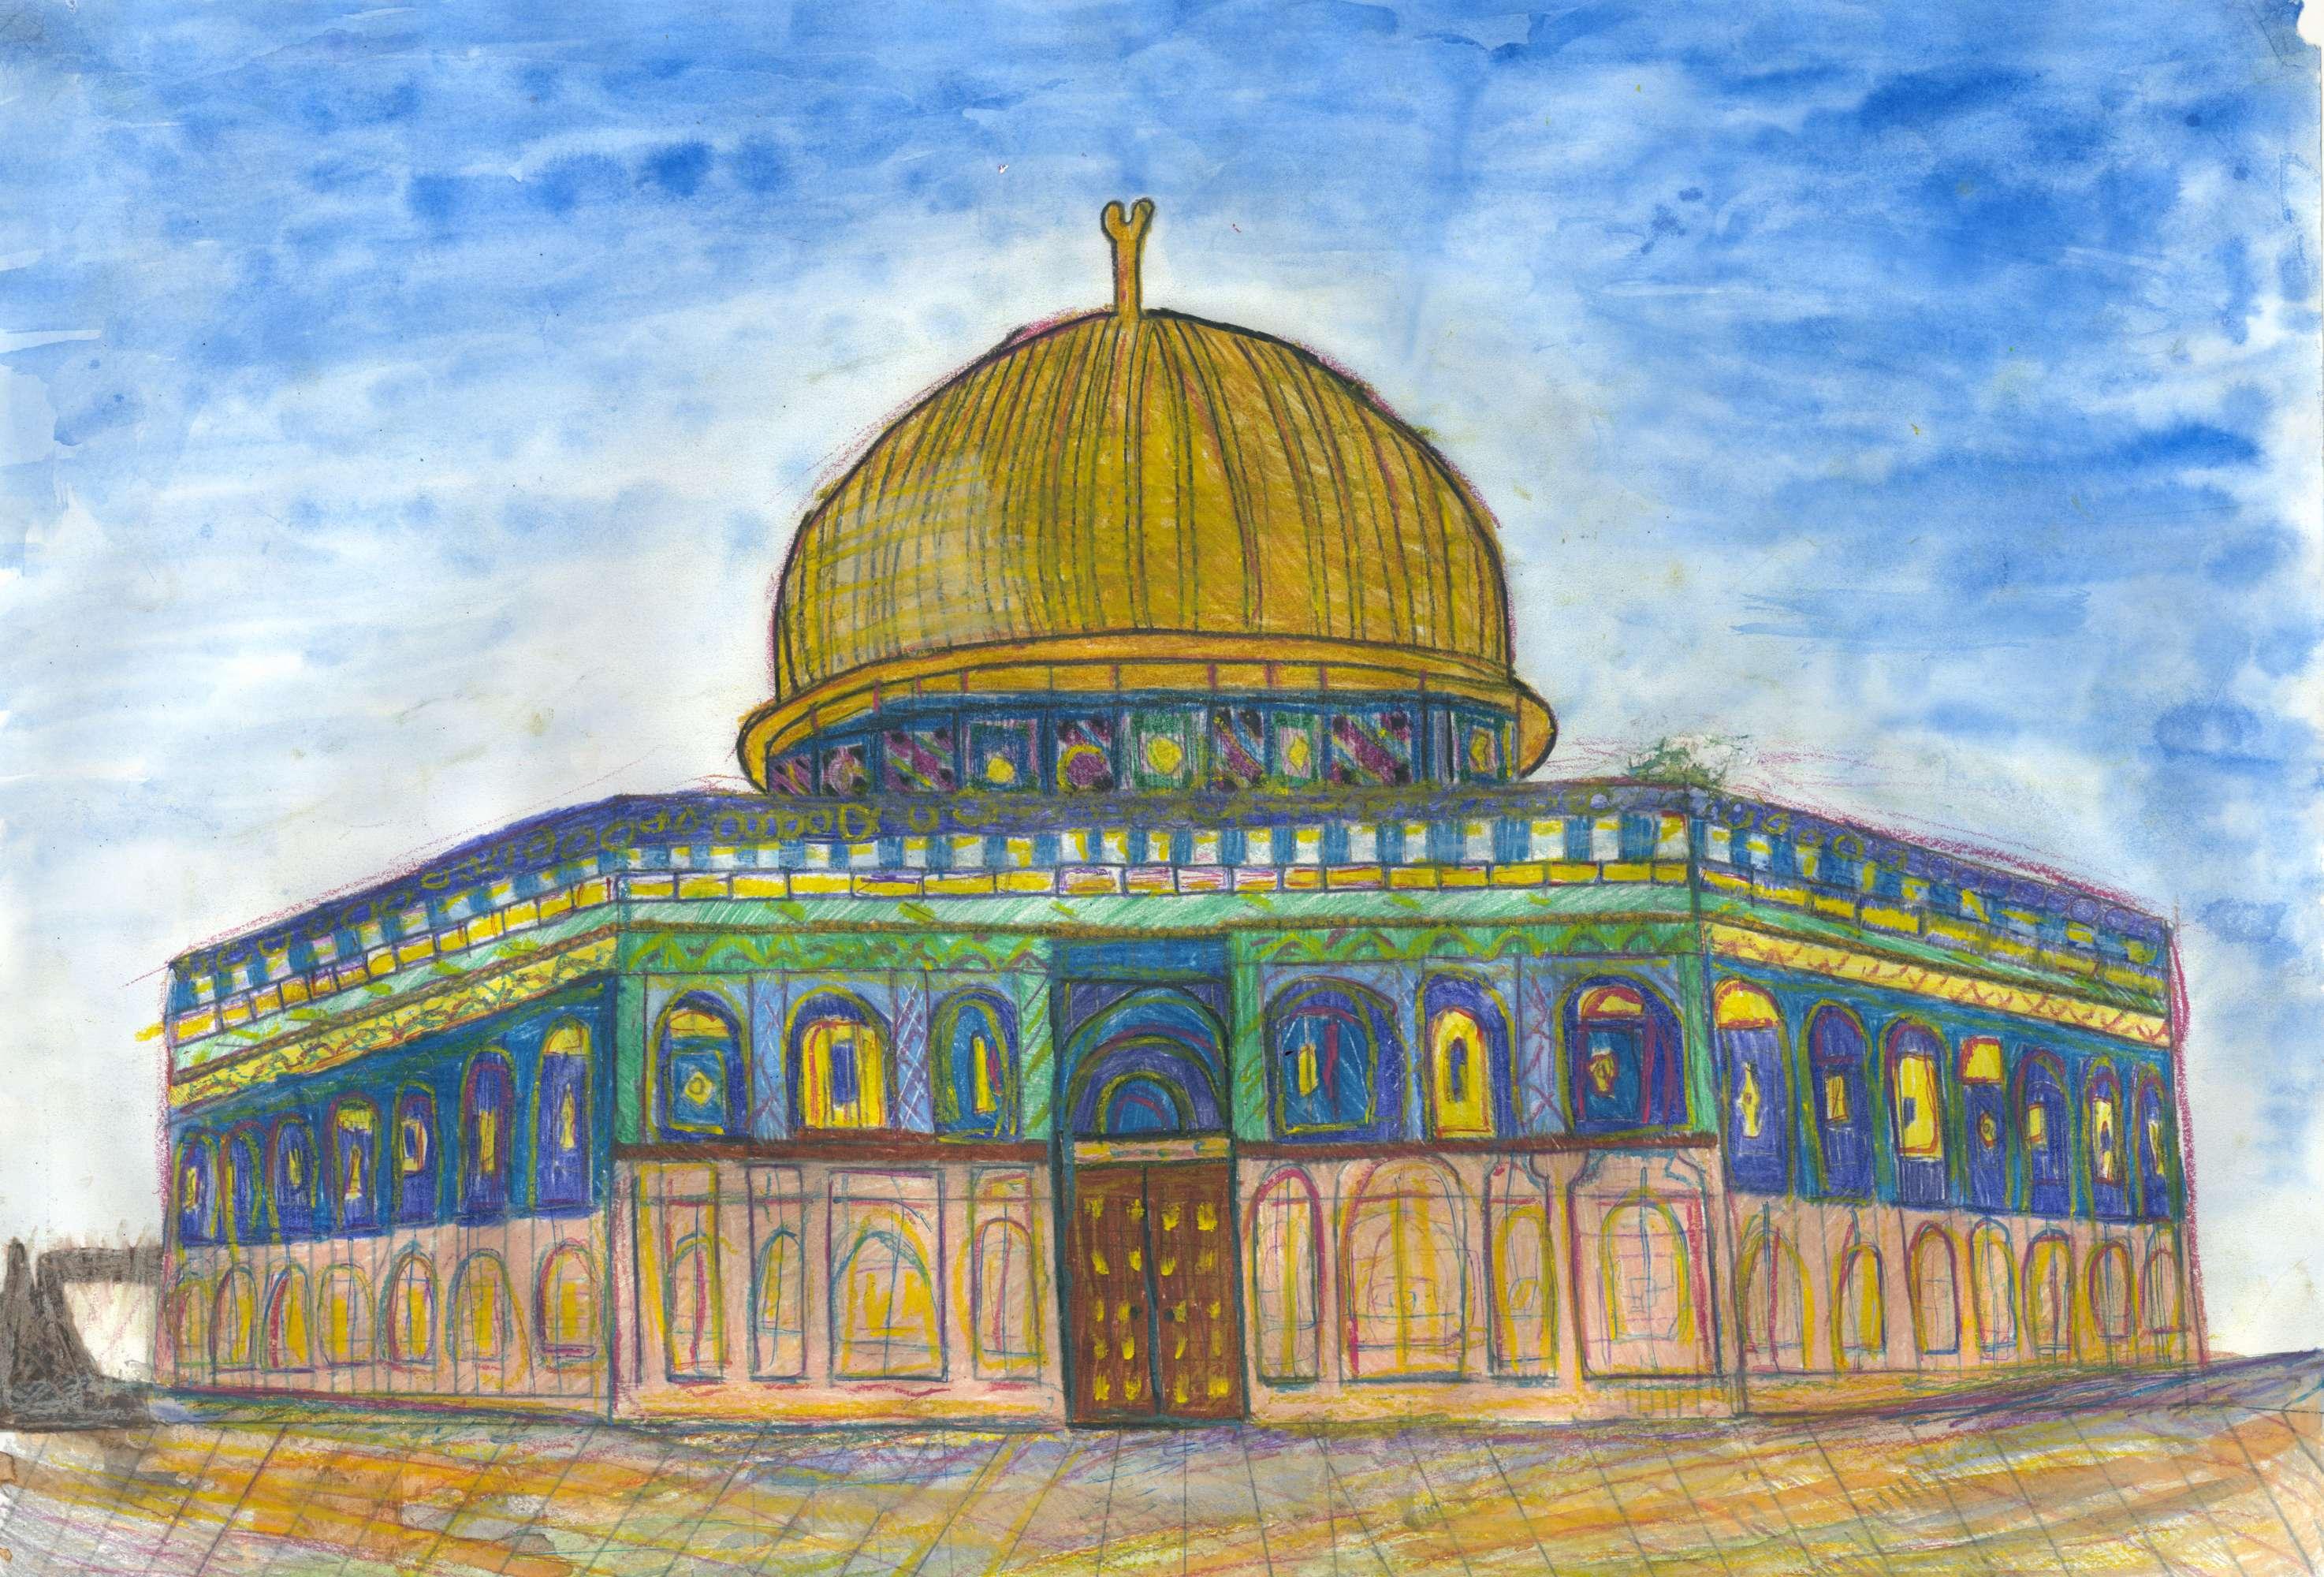 The Happy Mosque